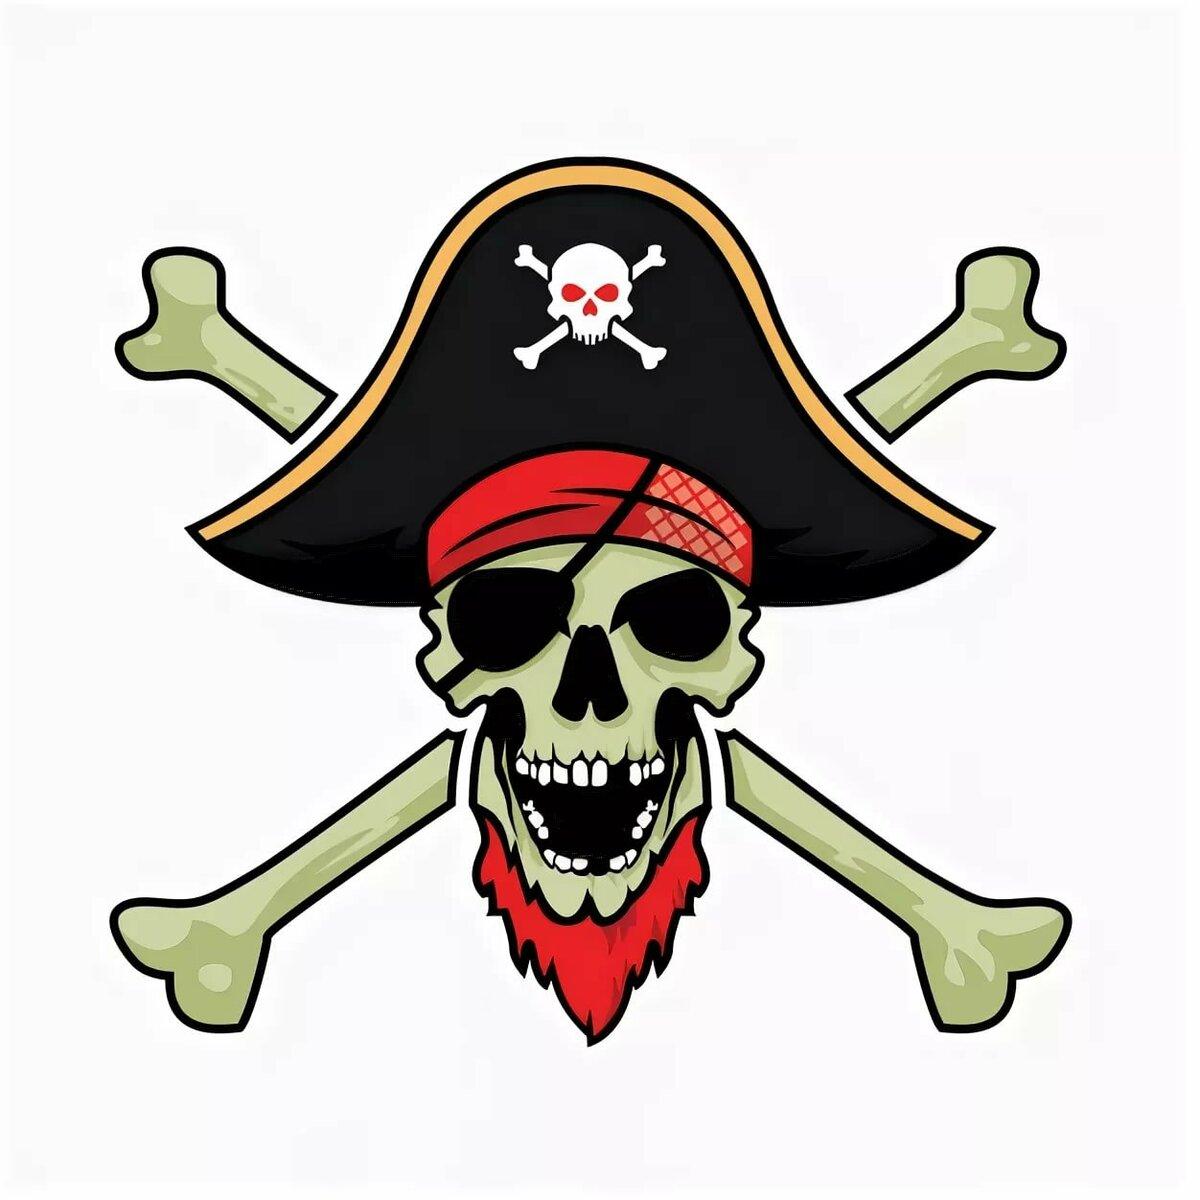 пиратская символика картинки булавку делаем